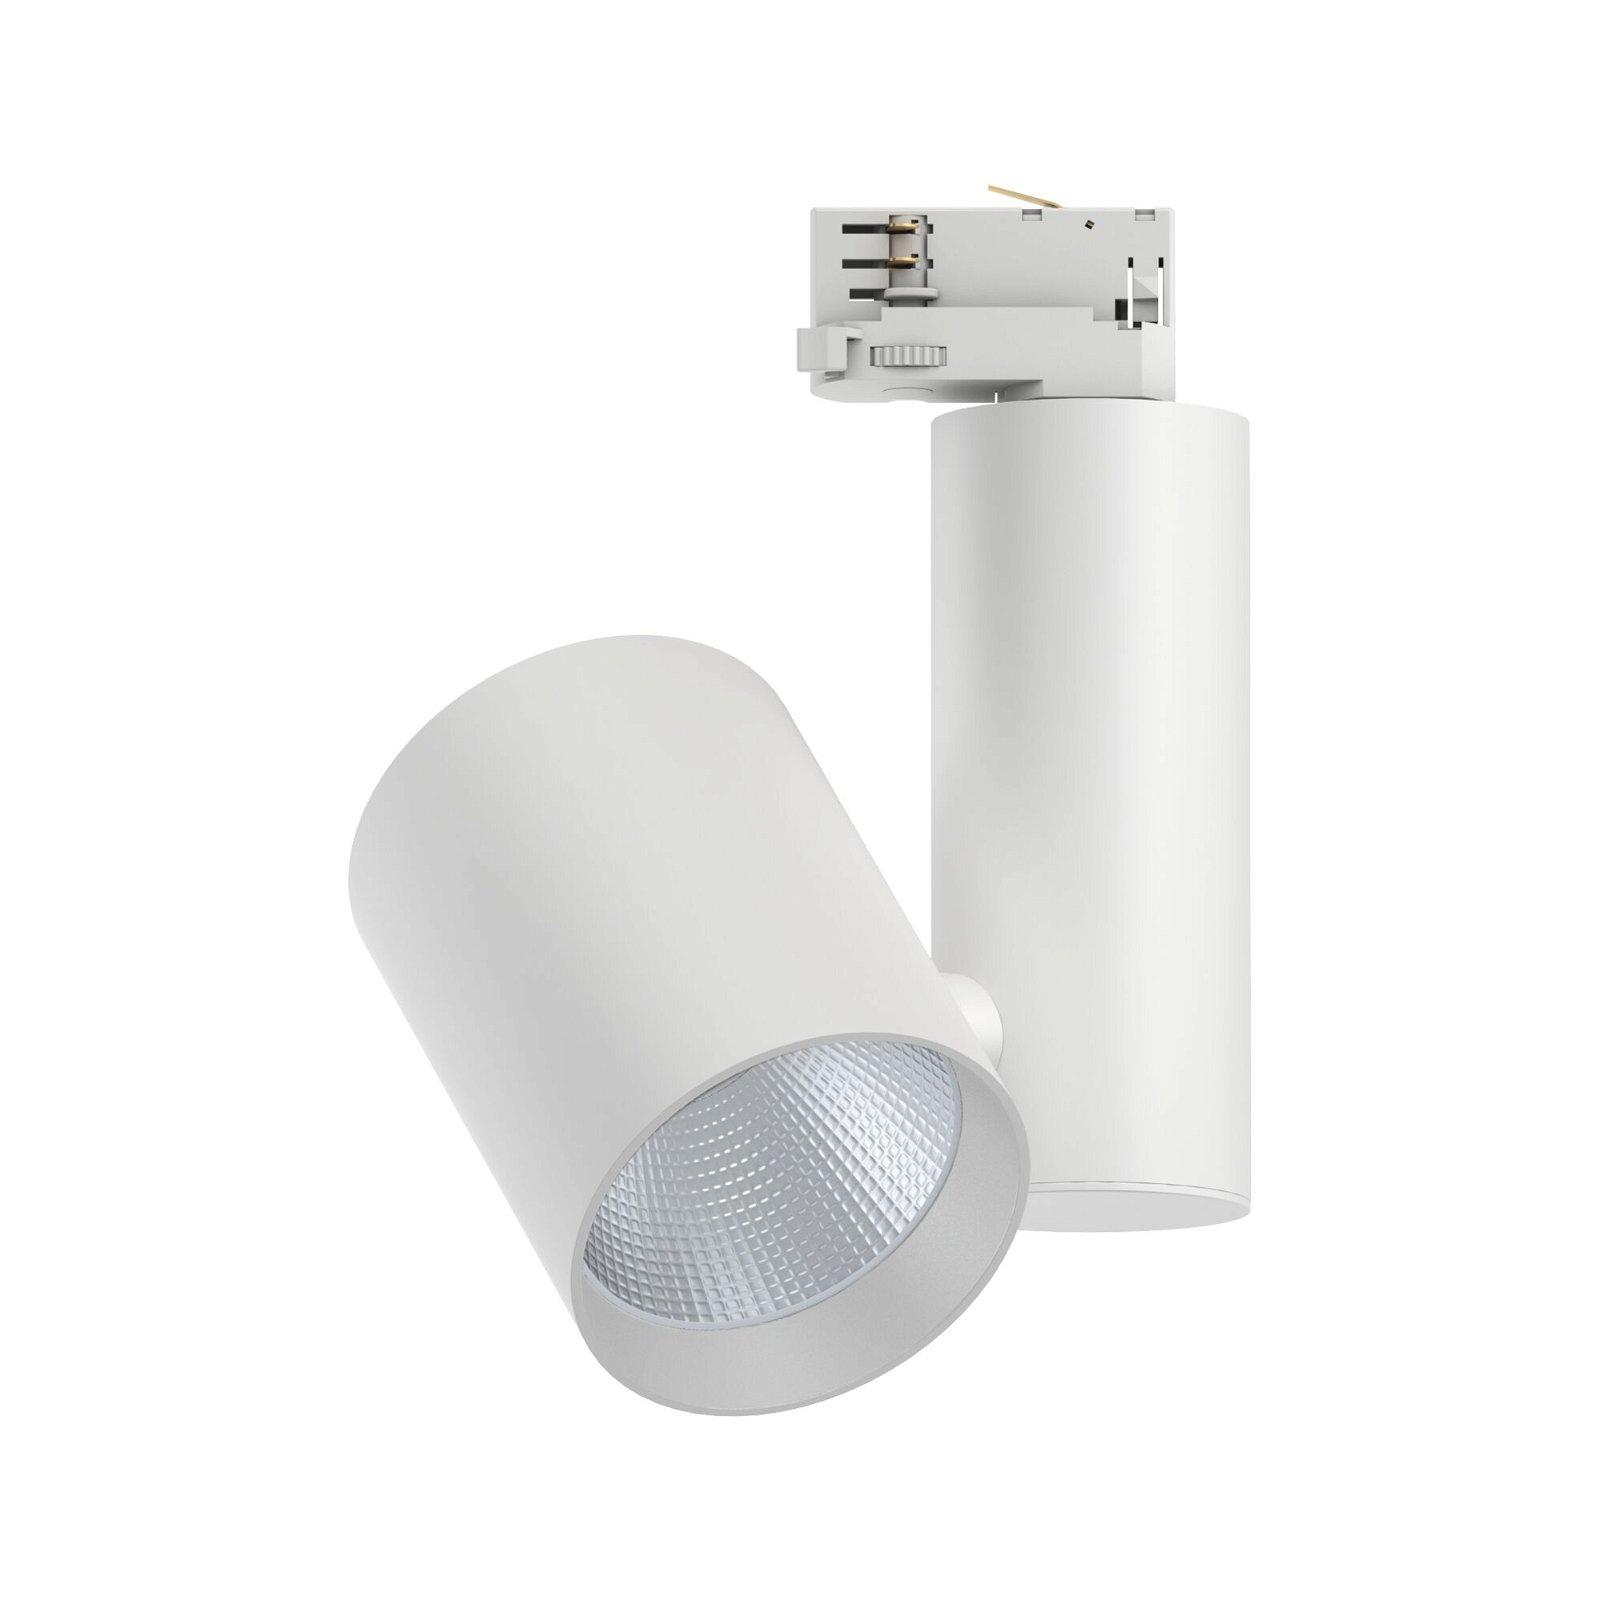 ProRail3 LED Schienenspot Zeuz 15° 3680lm 33W 3000K 230V Weiß